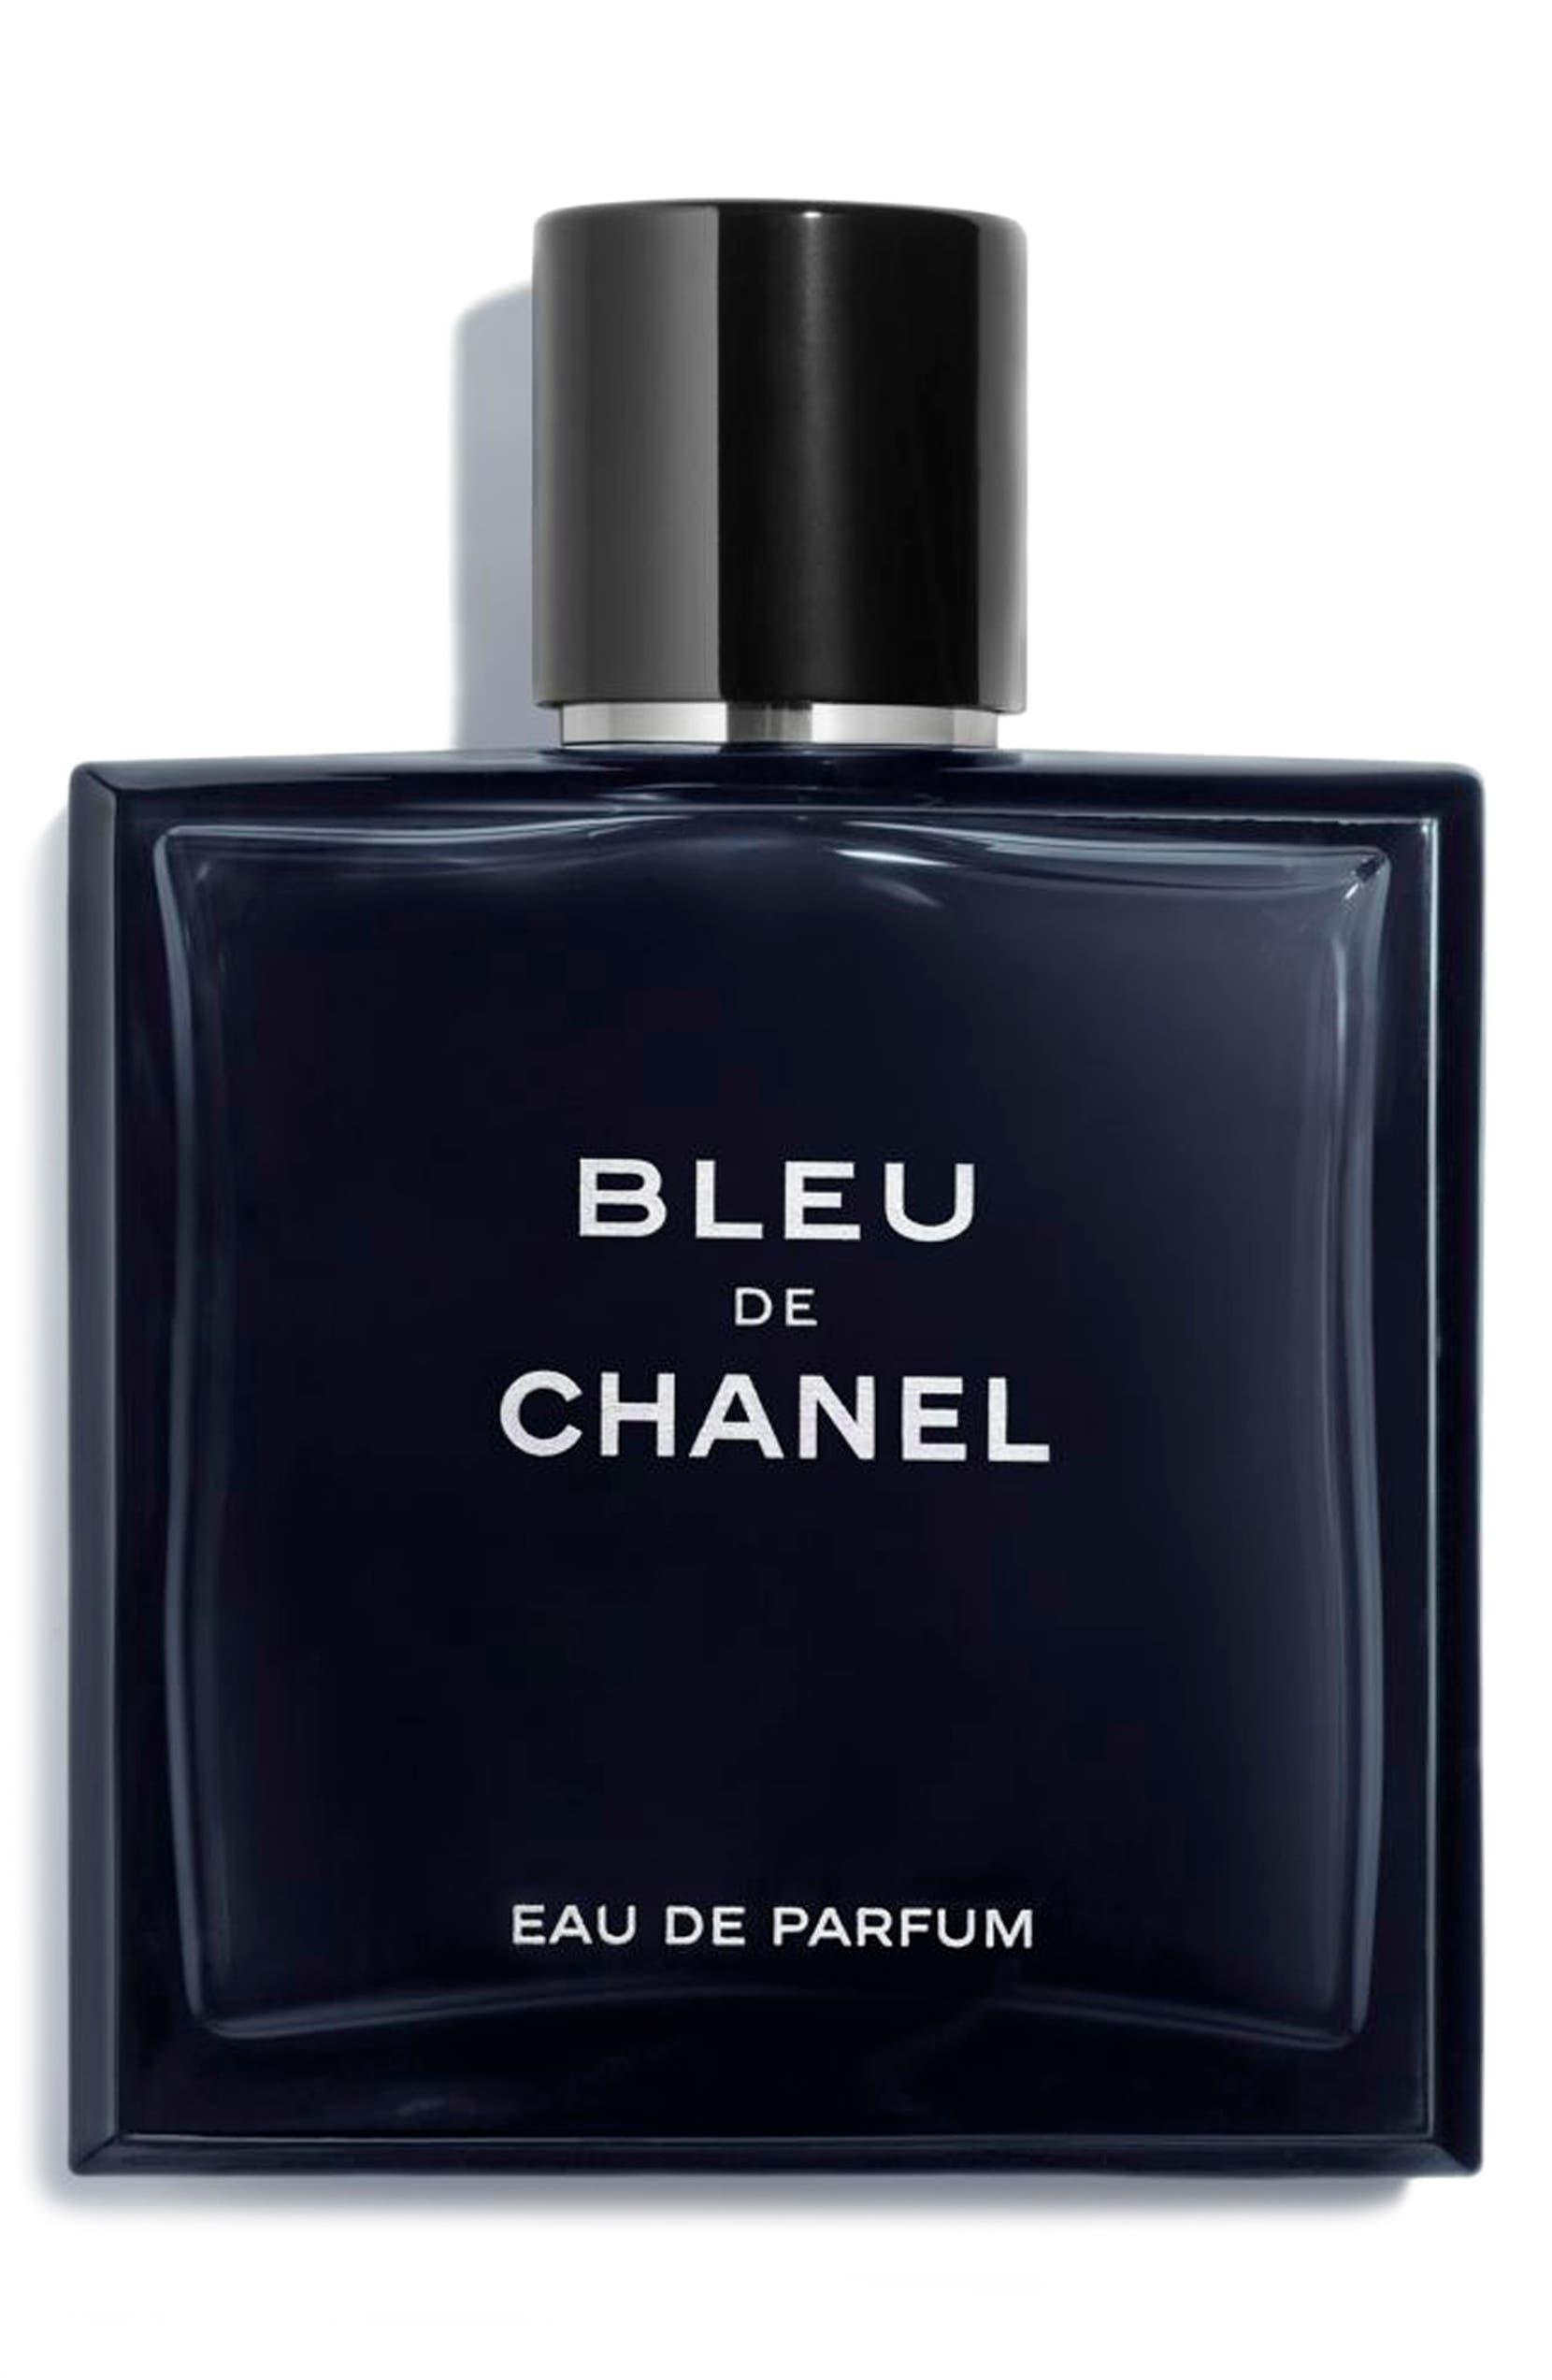 7f25133c5b51 CHANEL BLEU DE CHANEL Eau de Parfum Pour Homme Spray | Nordstrom